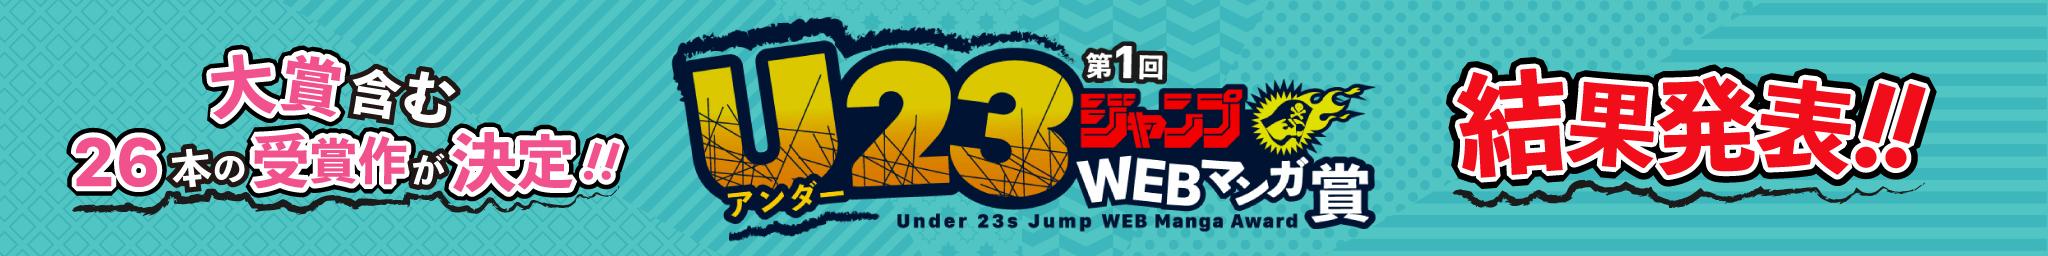 第1回U23ジャンプWEBマンガ賞の結果発表